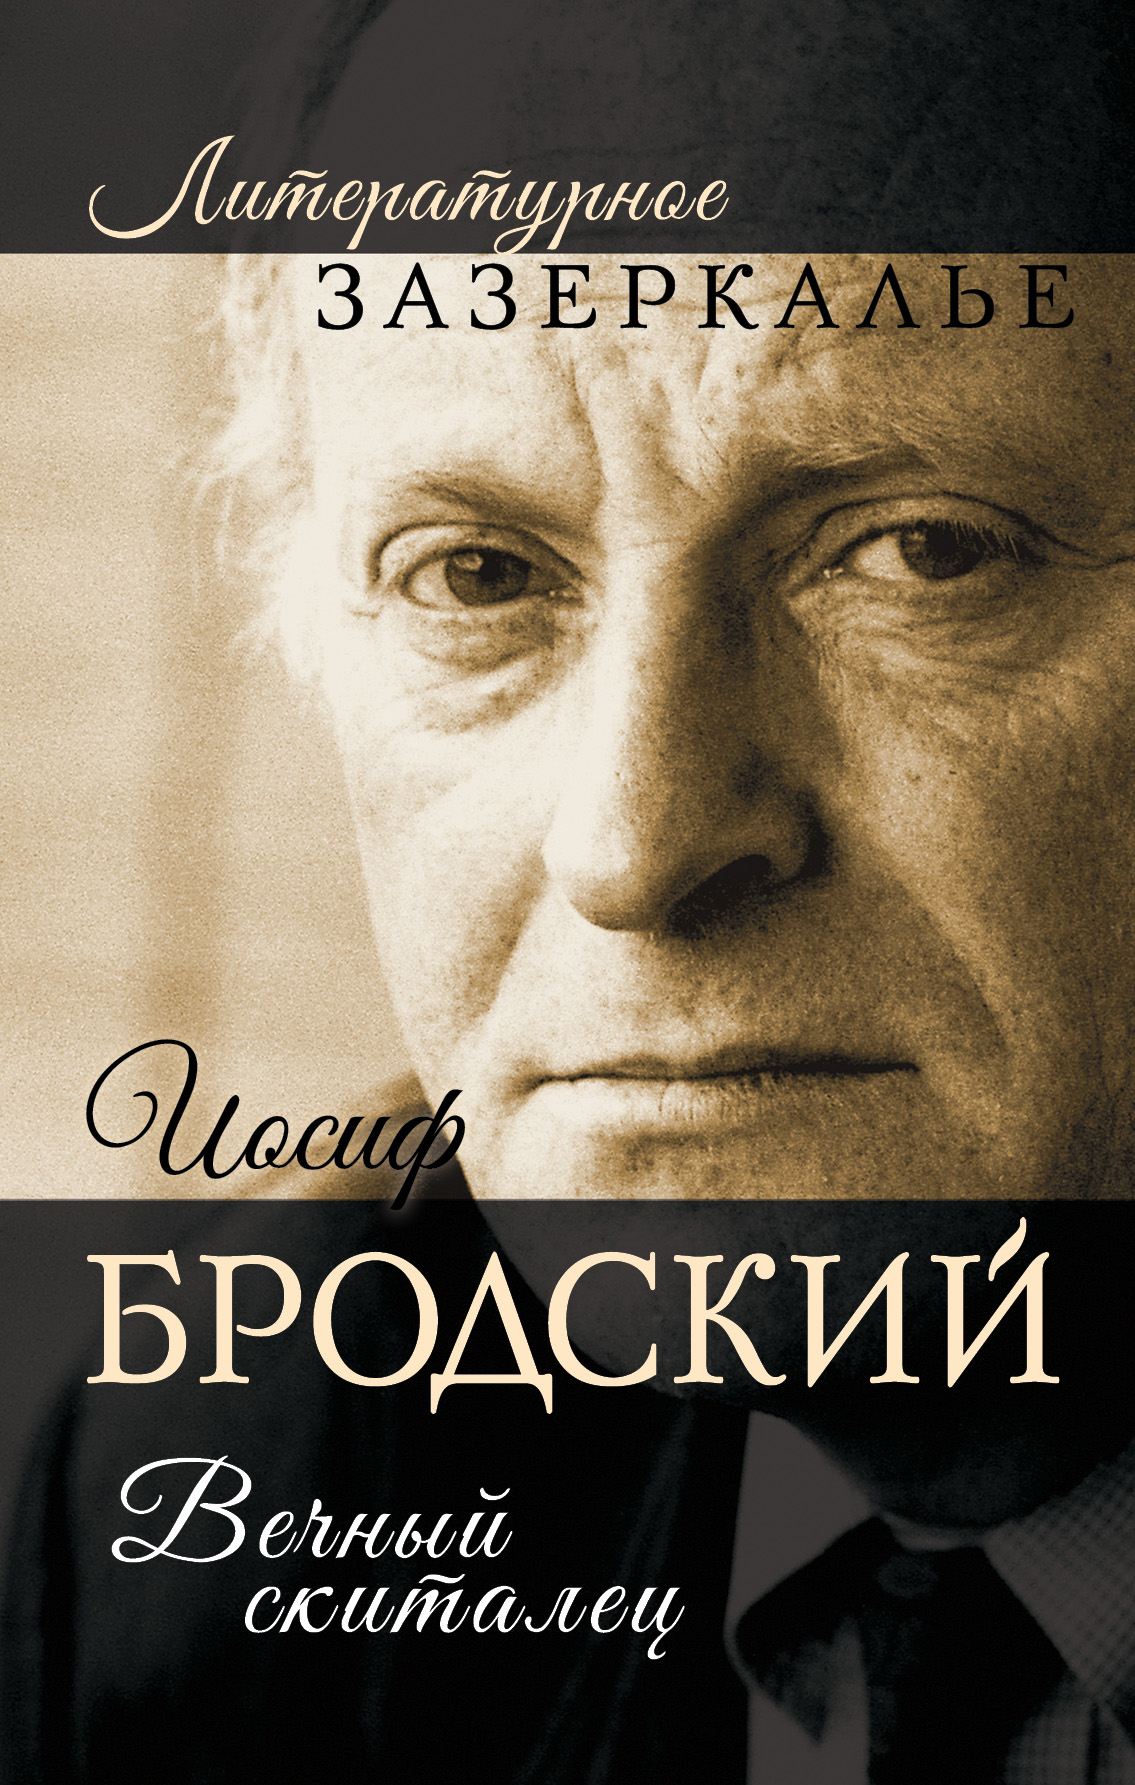 Александр Бобров Иосиф Бродский. Вечный скиталец клоц яков иосиф бродский в литве